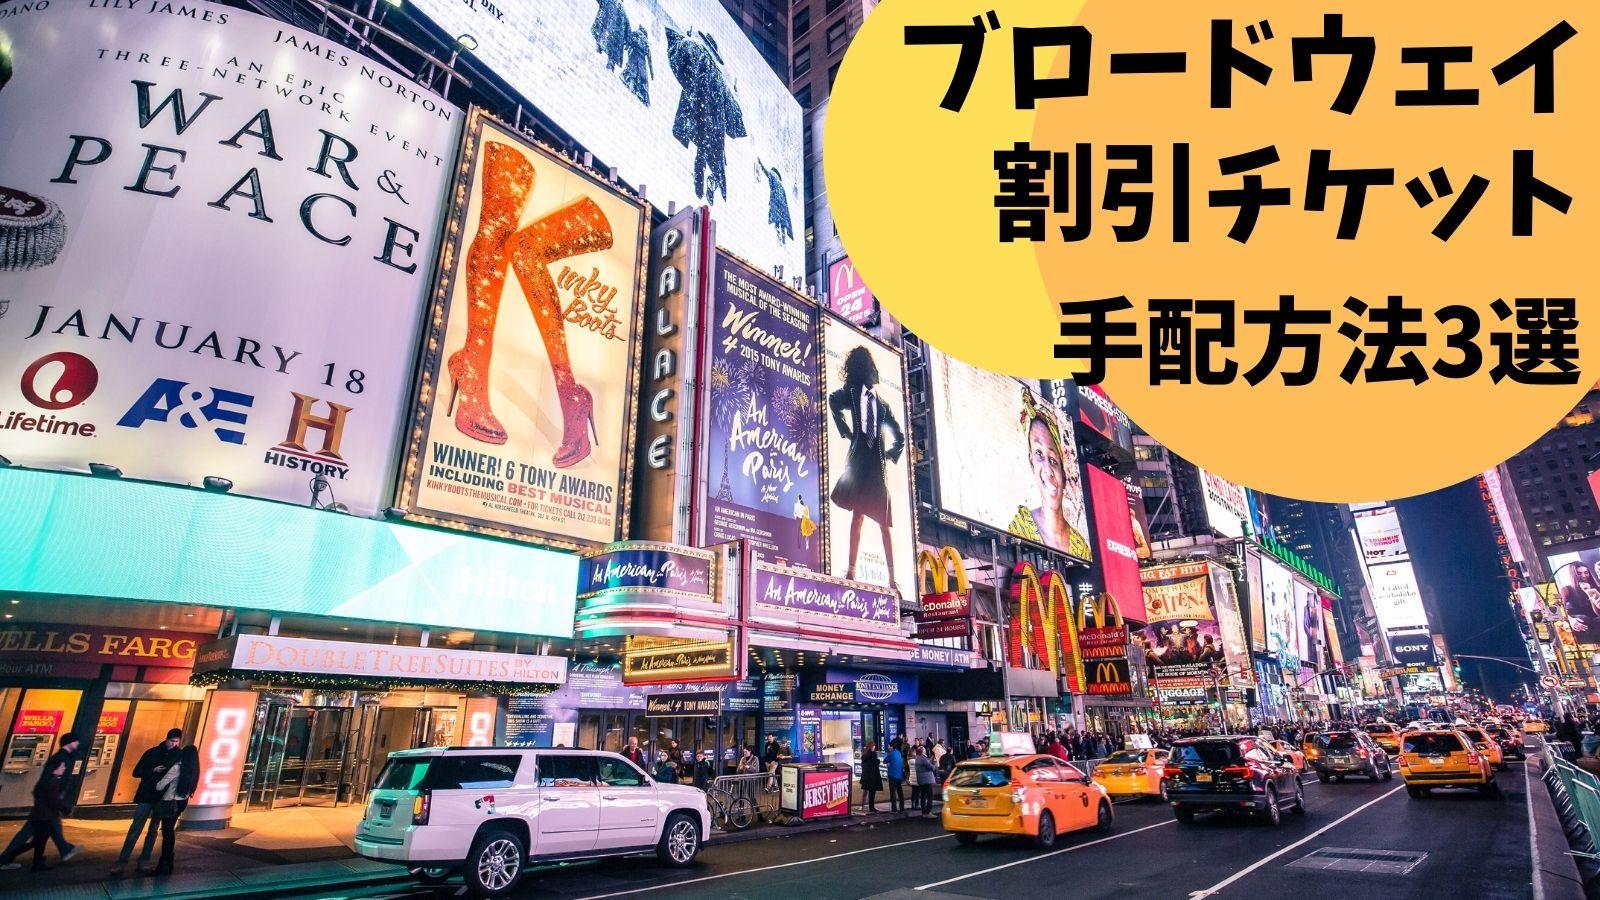 【ブロードウェイミュージカル】割引チケットが購入できるおすすめ手配会社3選